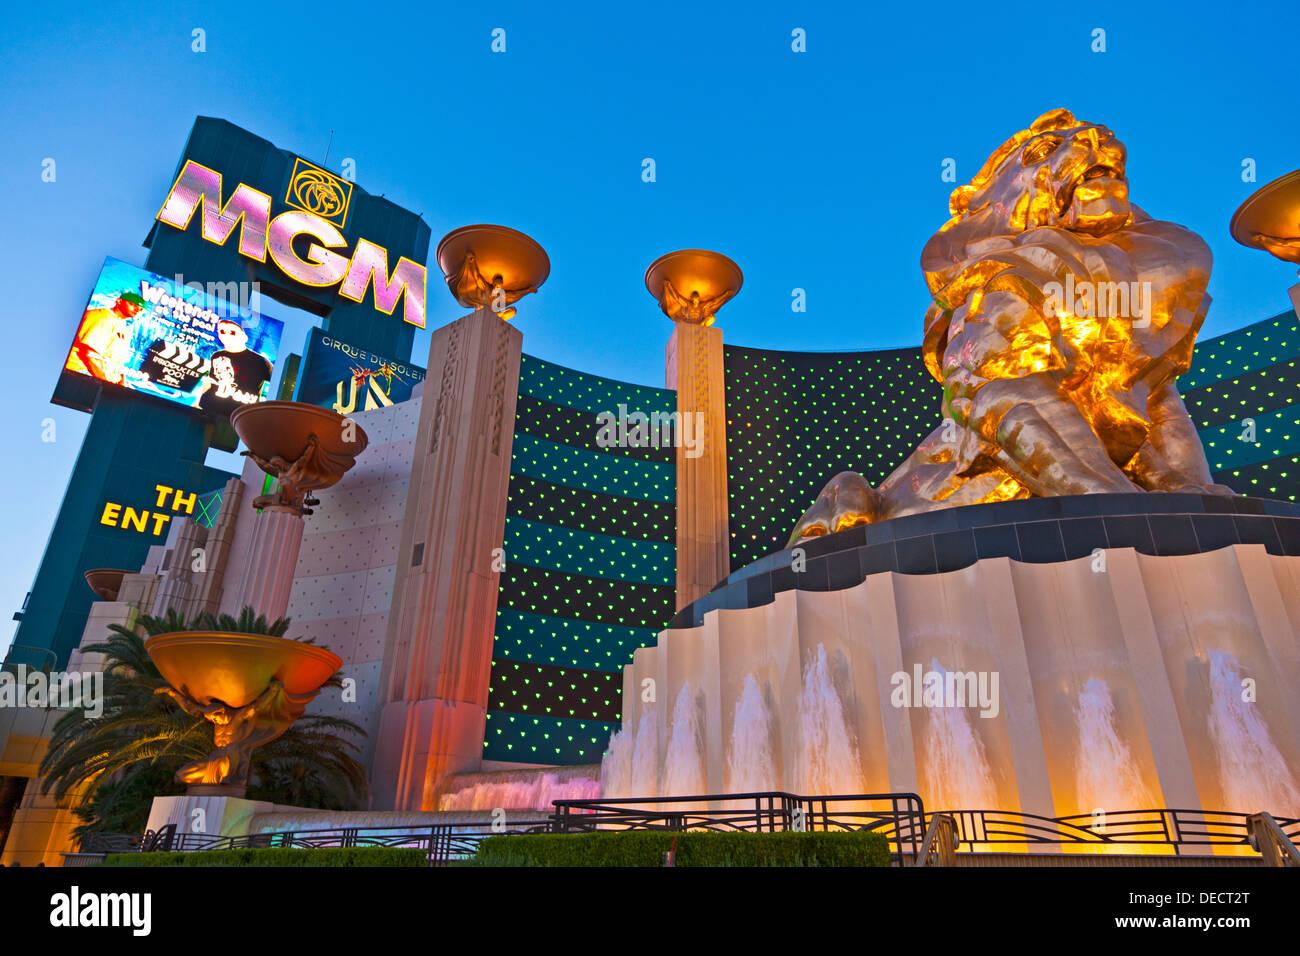 Leo Der Lowe Aus Bronze Statue Ausserhalb Des Mgm Grand Hotel Casino Las Vegas Nevada Usa In Der Abenddammerung Jmh5407 Stockfotografie Alamy